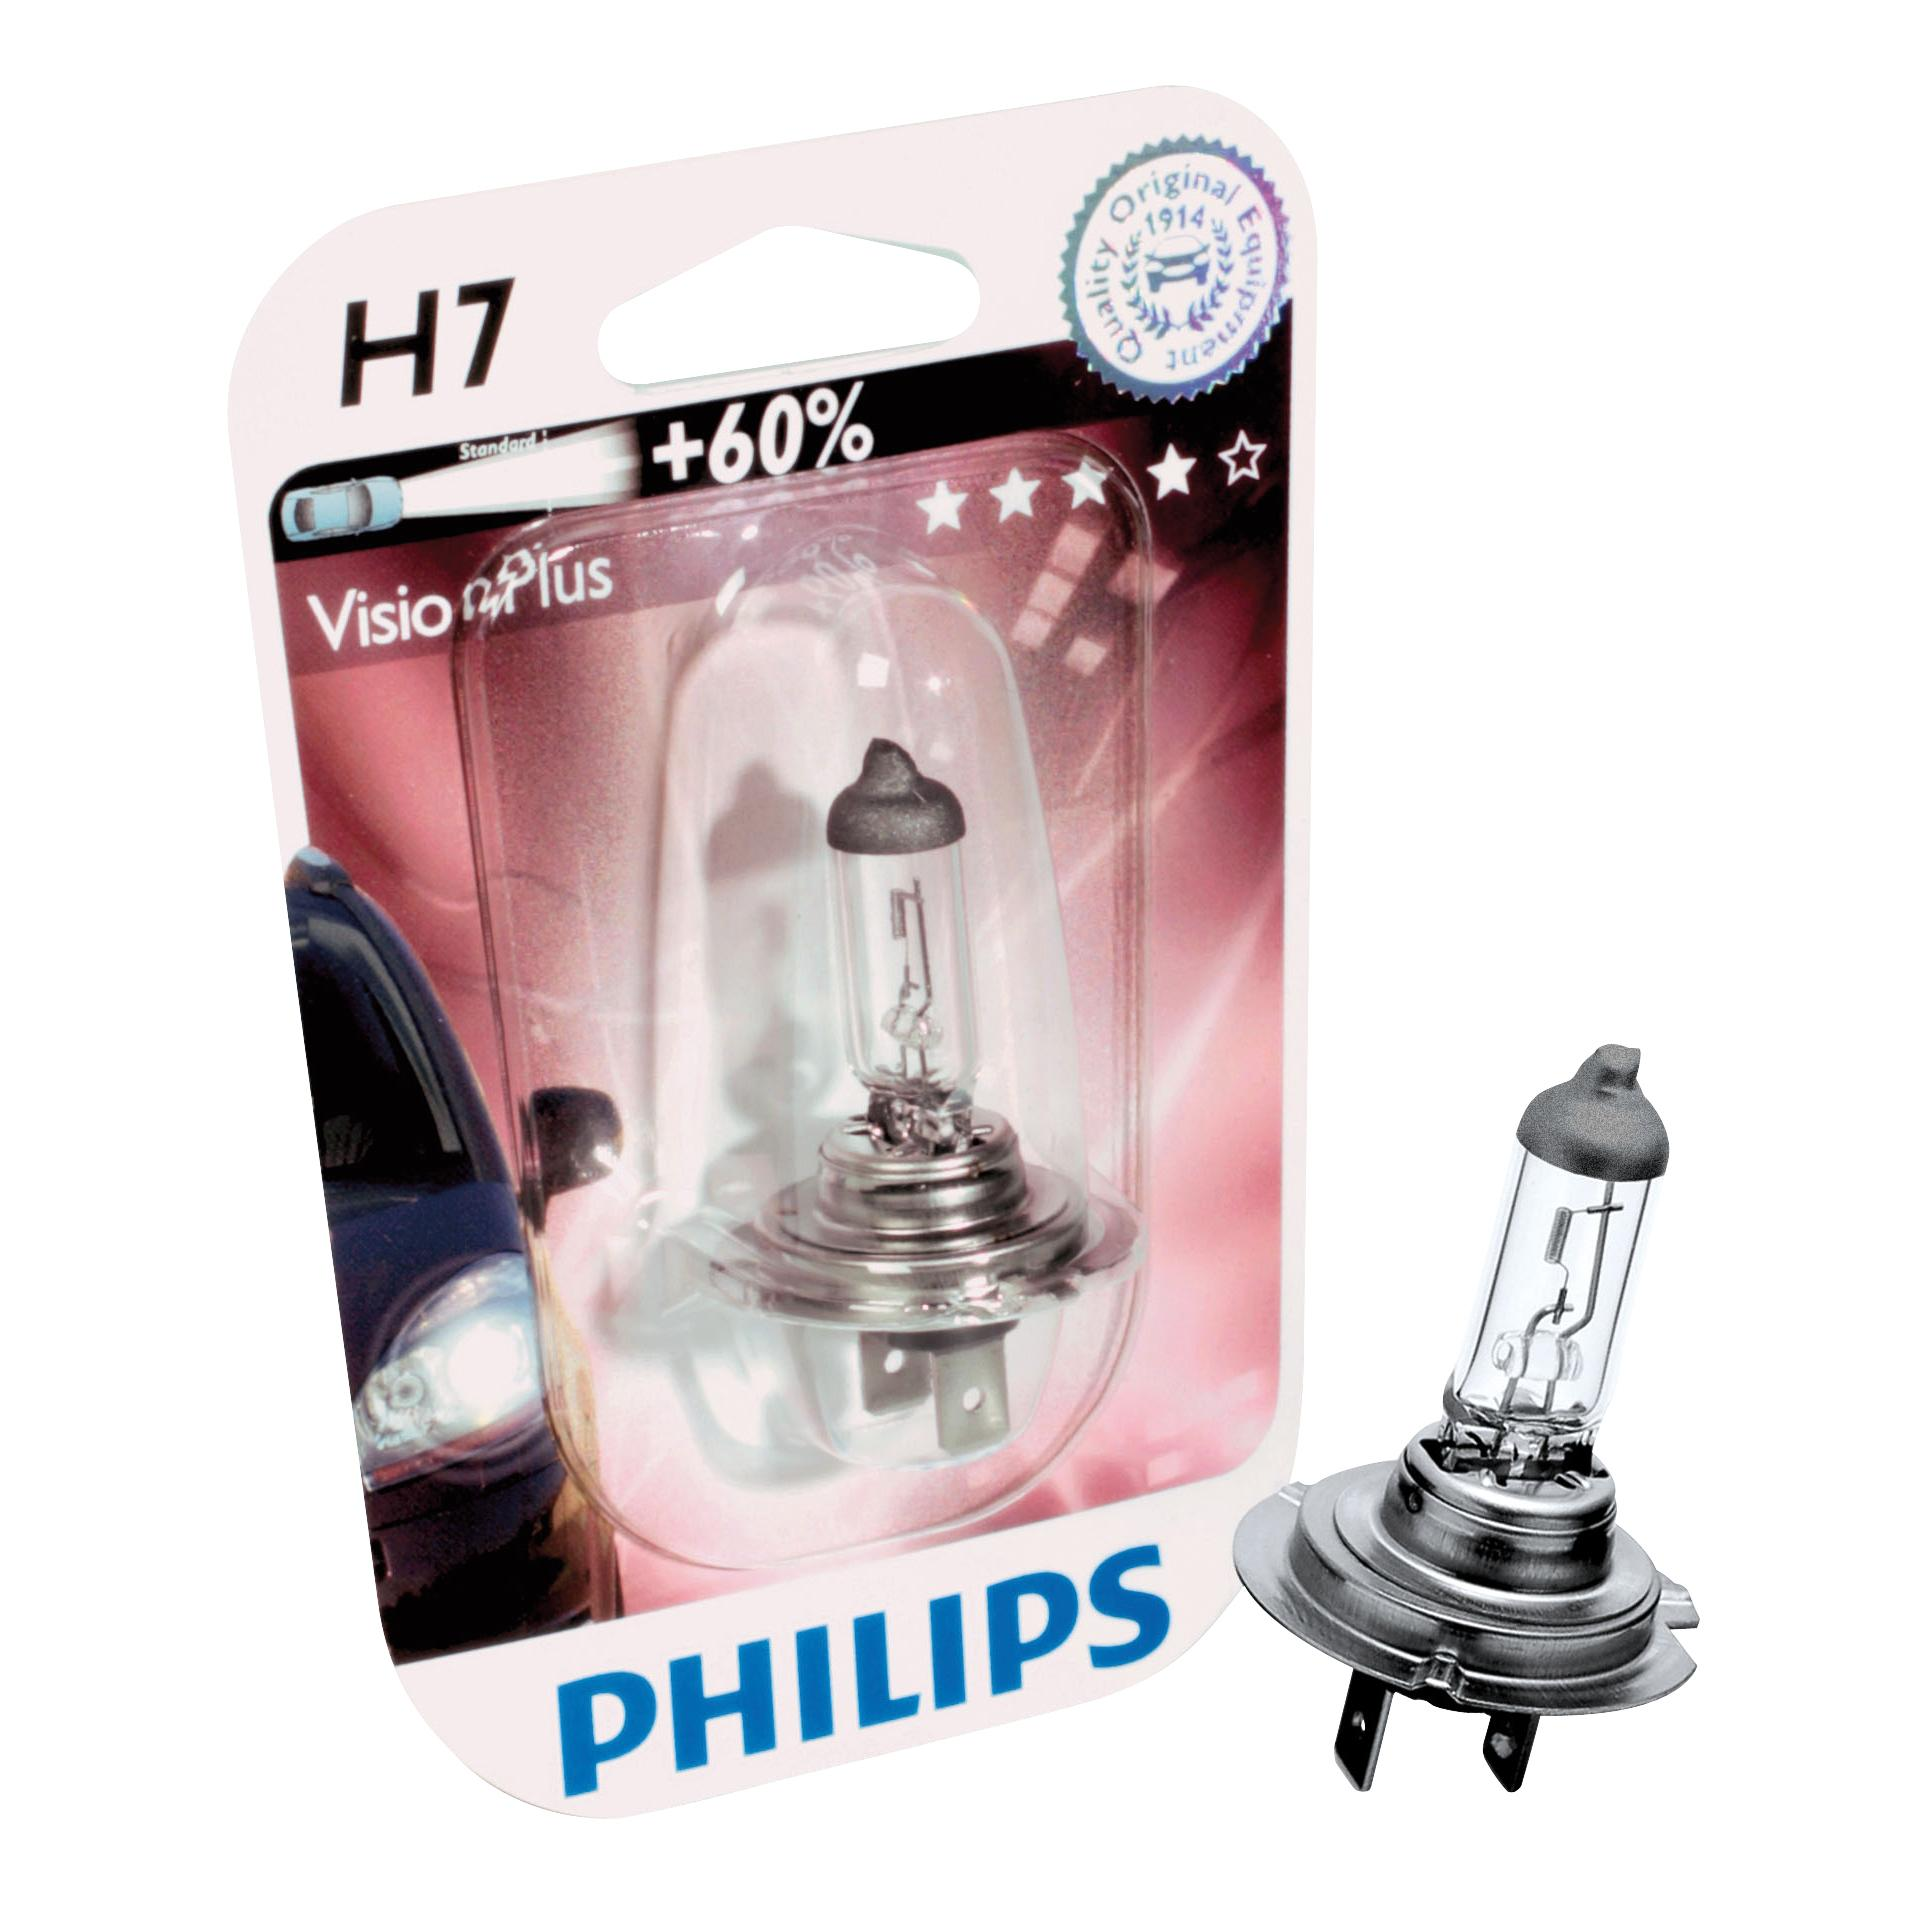 ampoule voiture h7 12v philips h7 vision plus 60. Black Bedroom Furniture Sets. Home Design Ideas